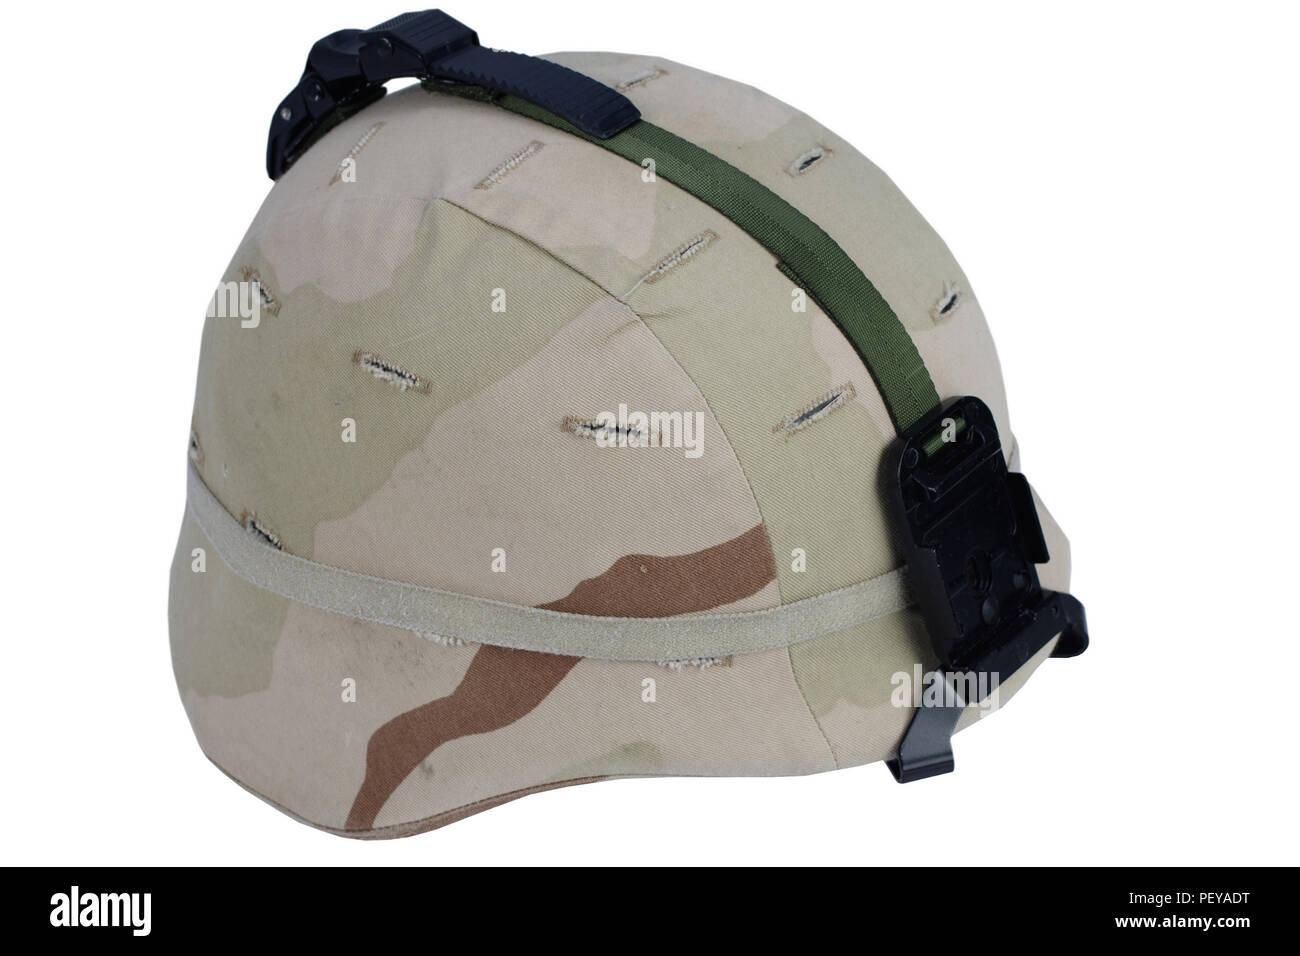 Ejército casco Kevlar con NVG Montaje y cubierta camoflage aislado sobre  fondo blanco. 63ad241896c